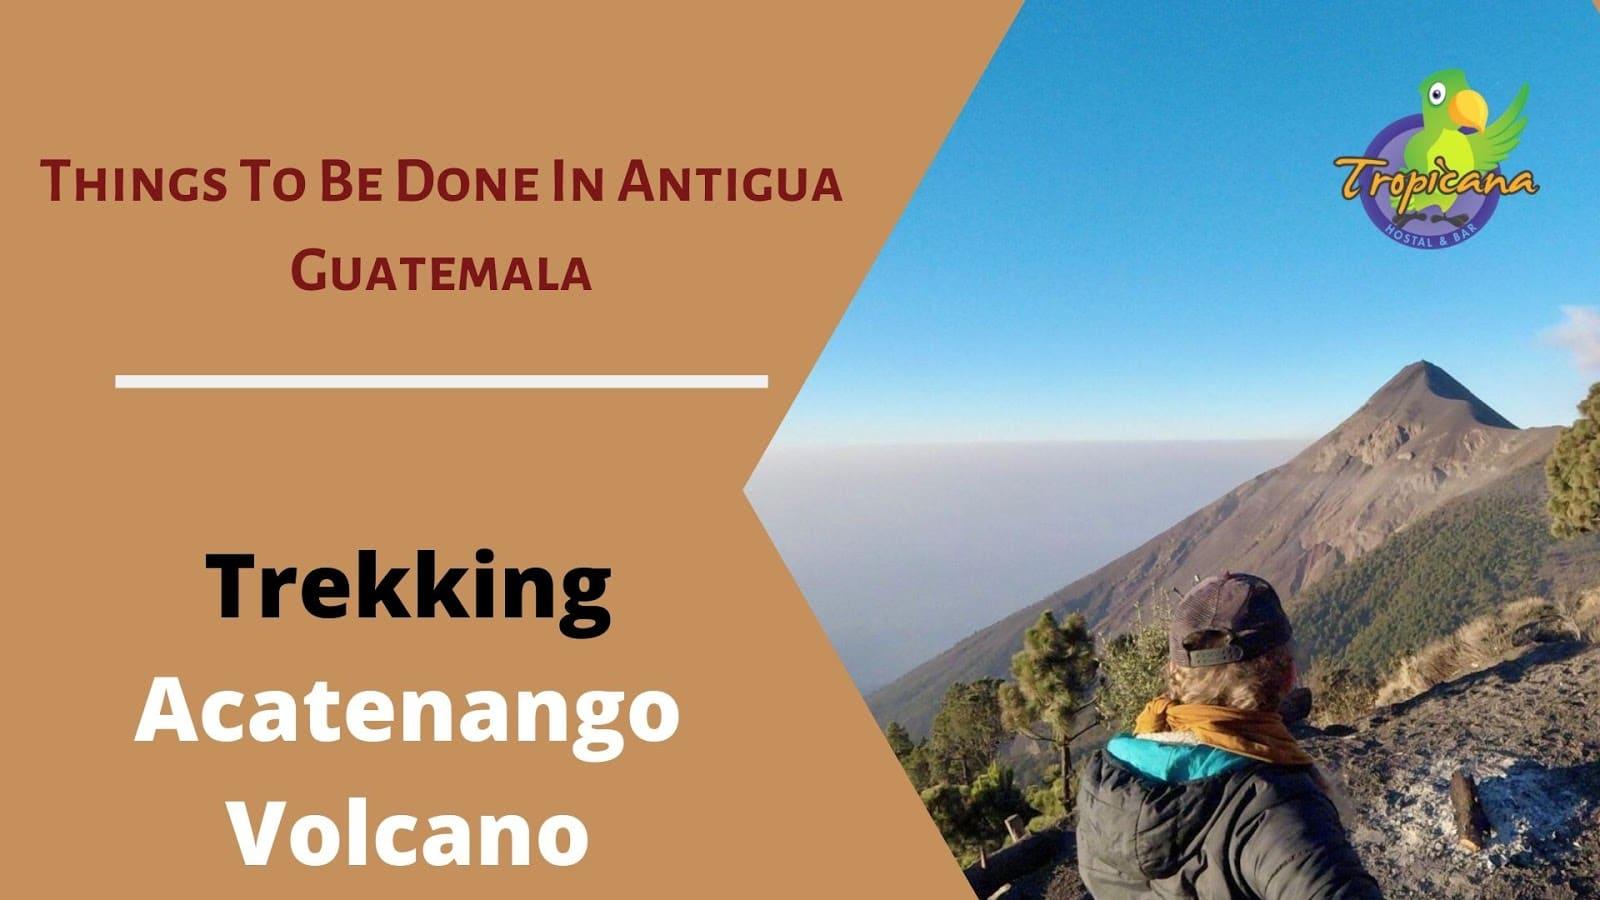 Trekking Acatenango Volcano